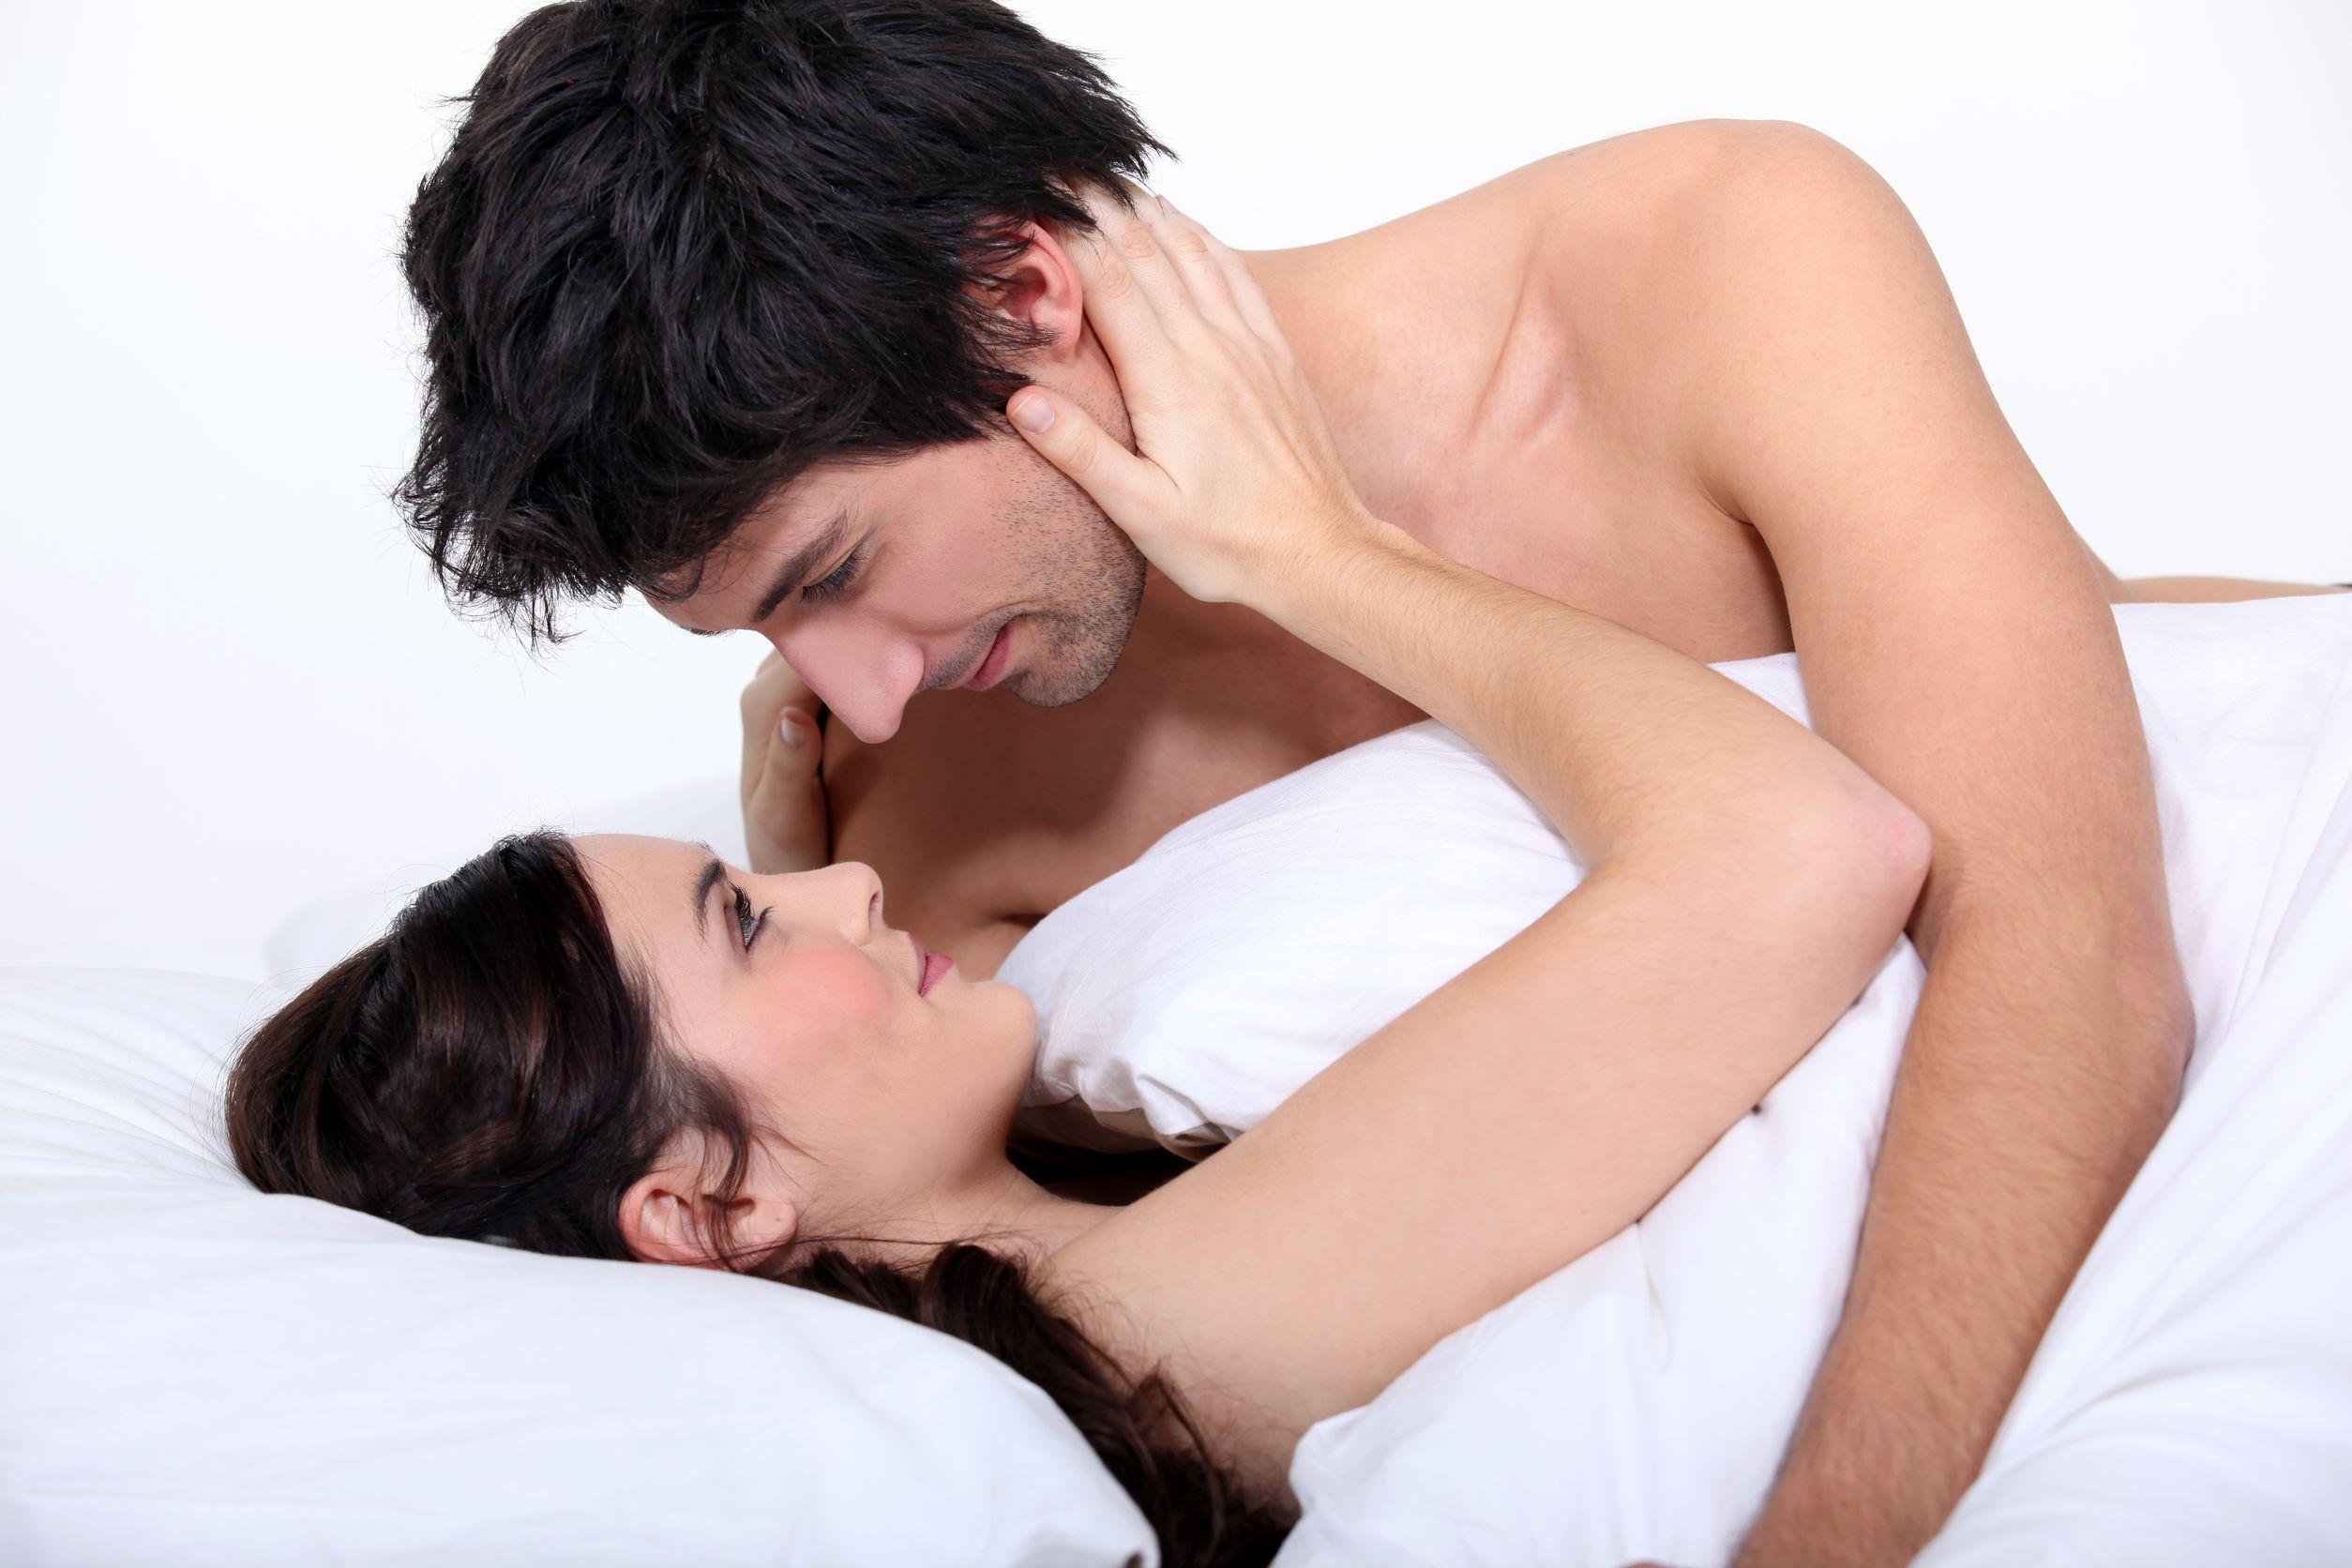 Секс вдвоем дома, Вдвоем Домашнее (найденопорно видео роликов) 10 фотография